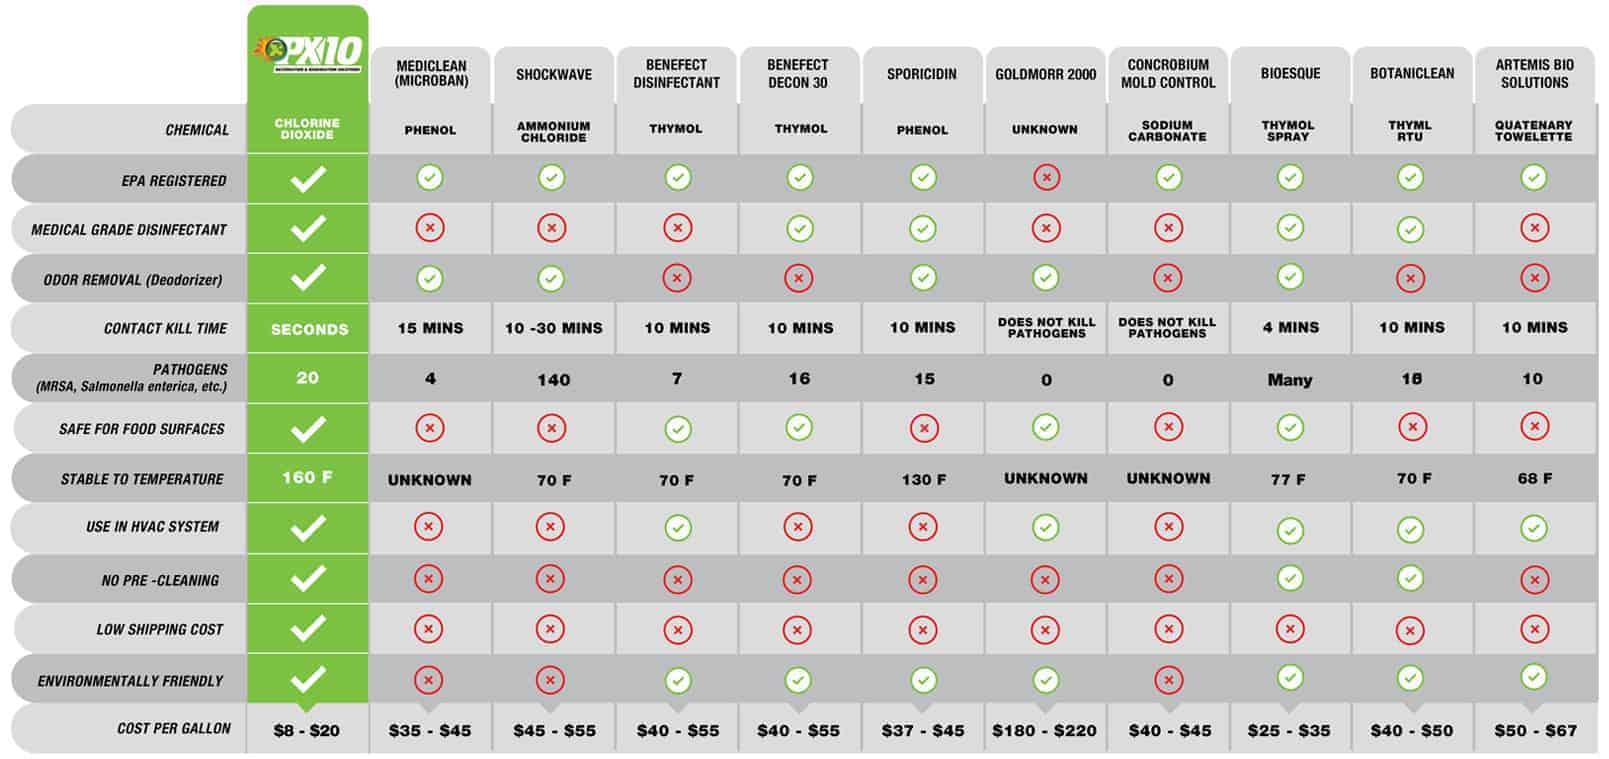 PX10 comparison chart: MEDICLEAN (MICROBEN), SHOCKWAVE, BENEFECT DISINFECTANT, BENEFECT DECON 30, SPORICIDIN, GOLDMORR 2000, CONCROBIUM MOLD CONTROL